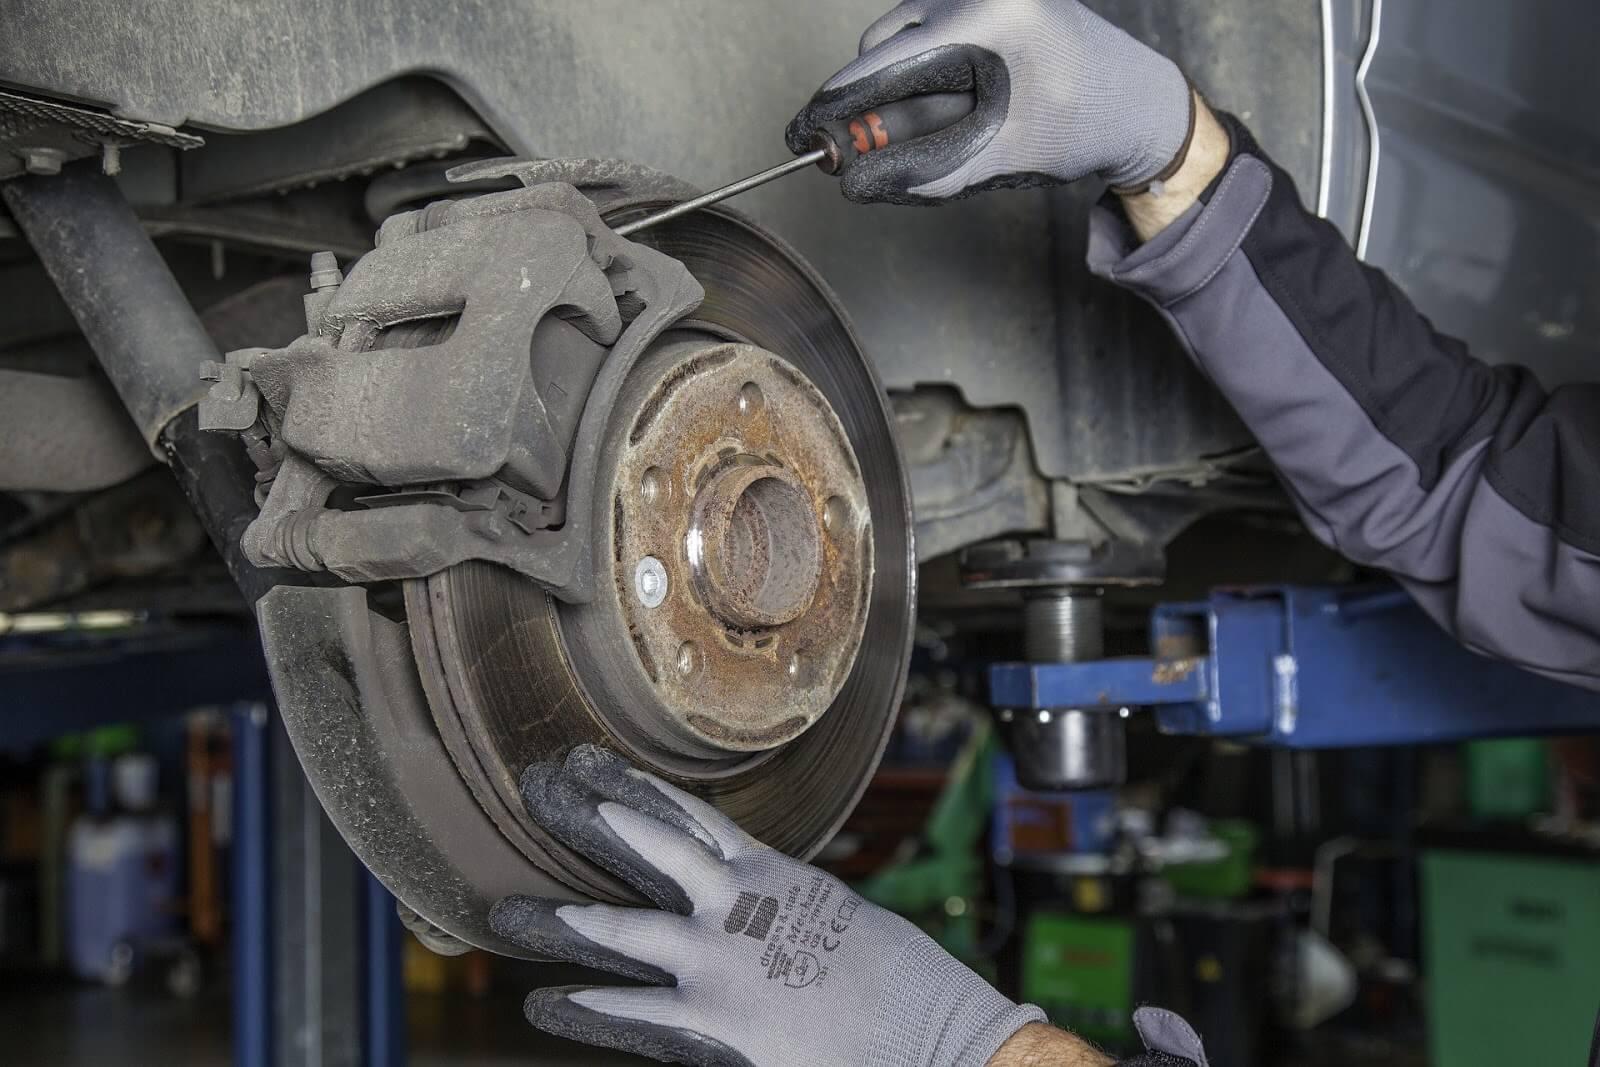 Mãos com luvas fazendo alterações na pastilha de freio de um carro